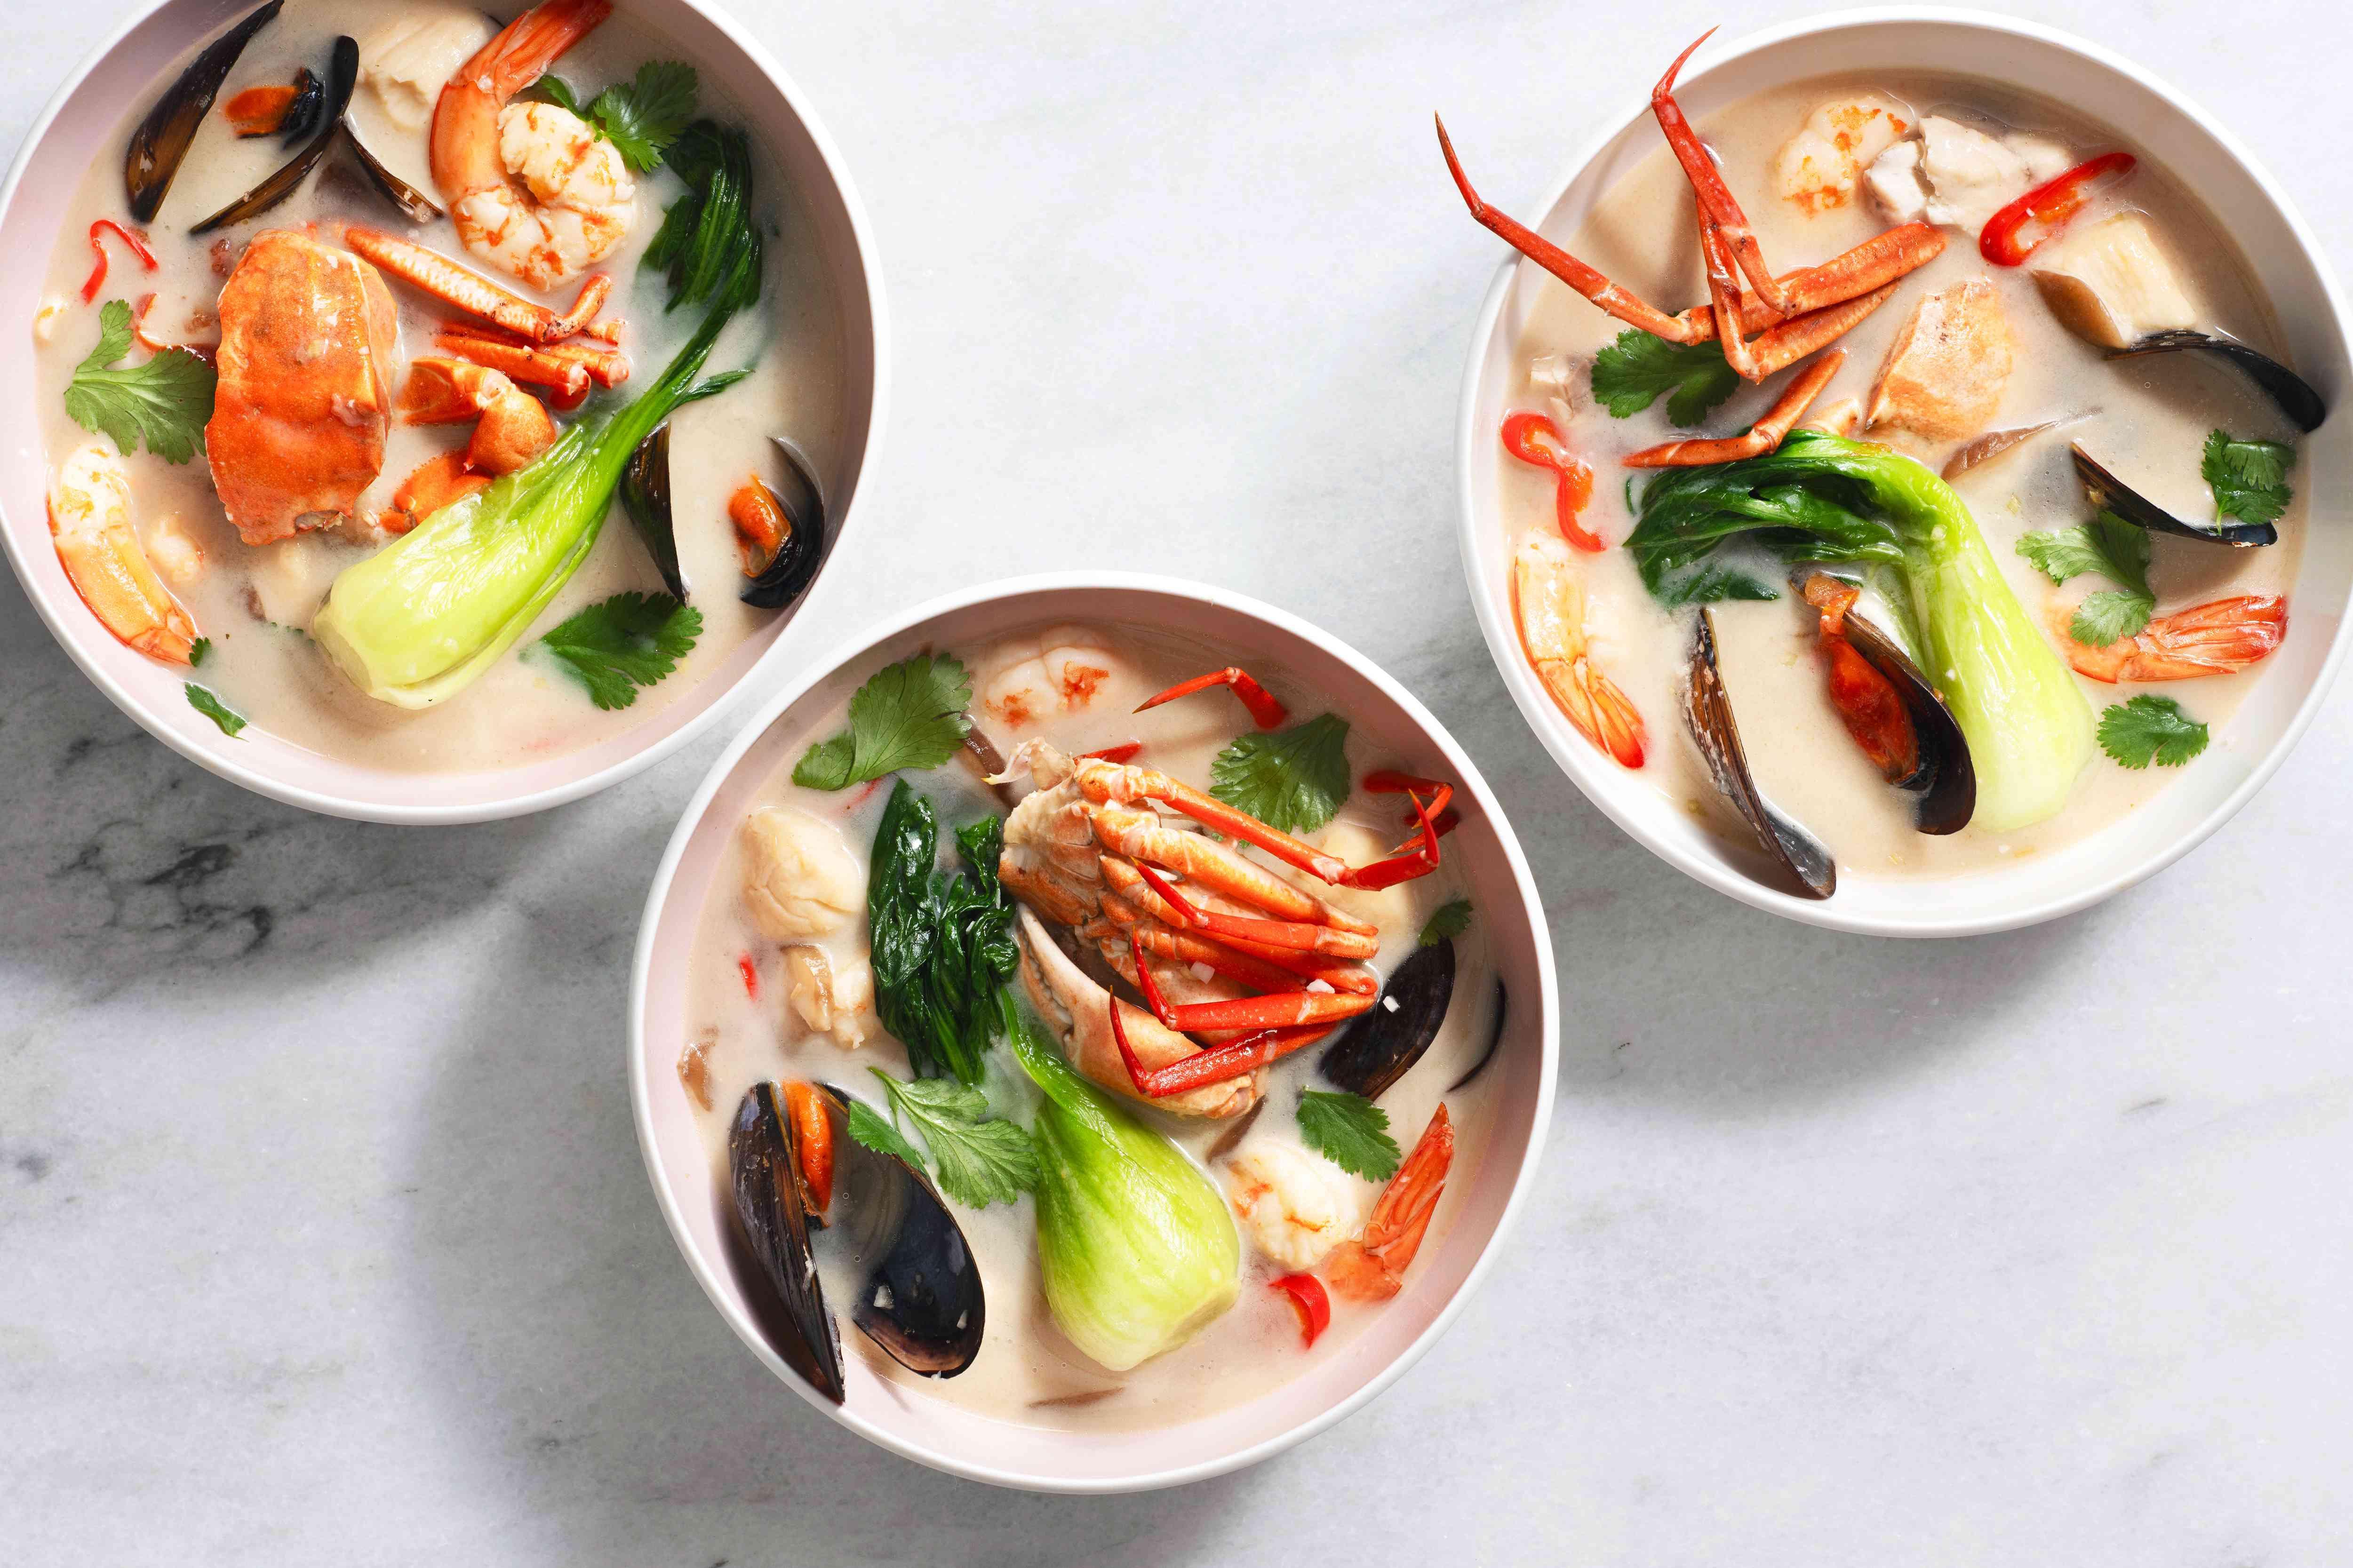 Three bowls of Tom Yum Talay